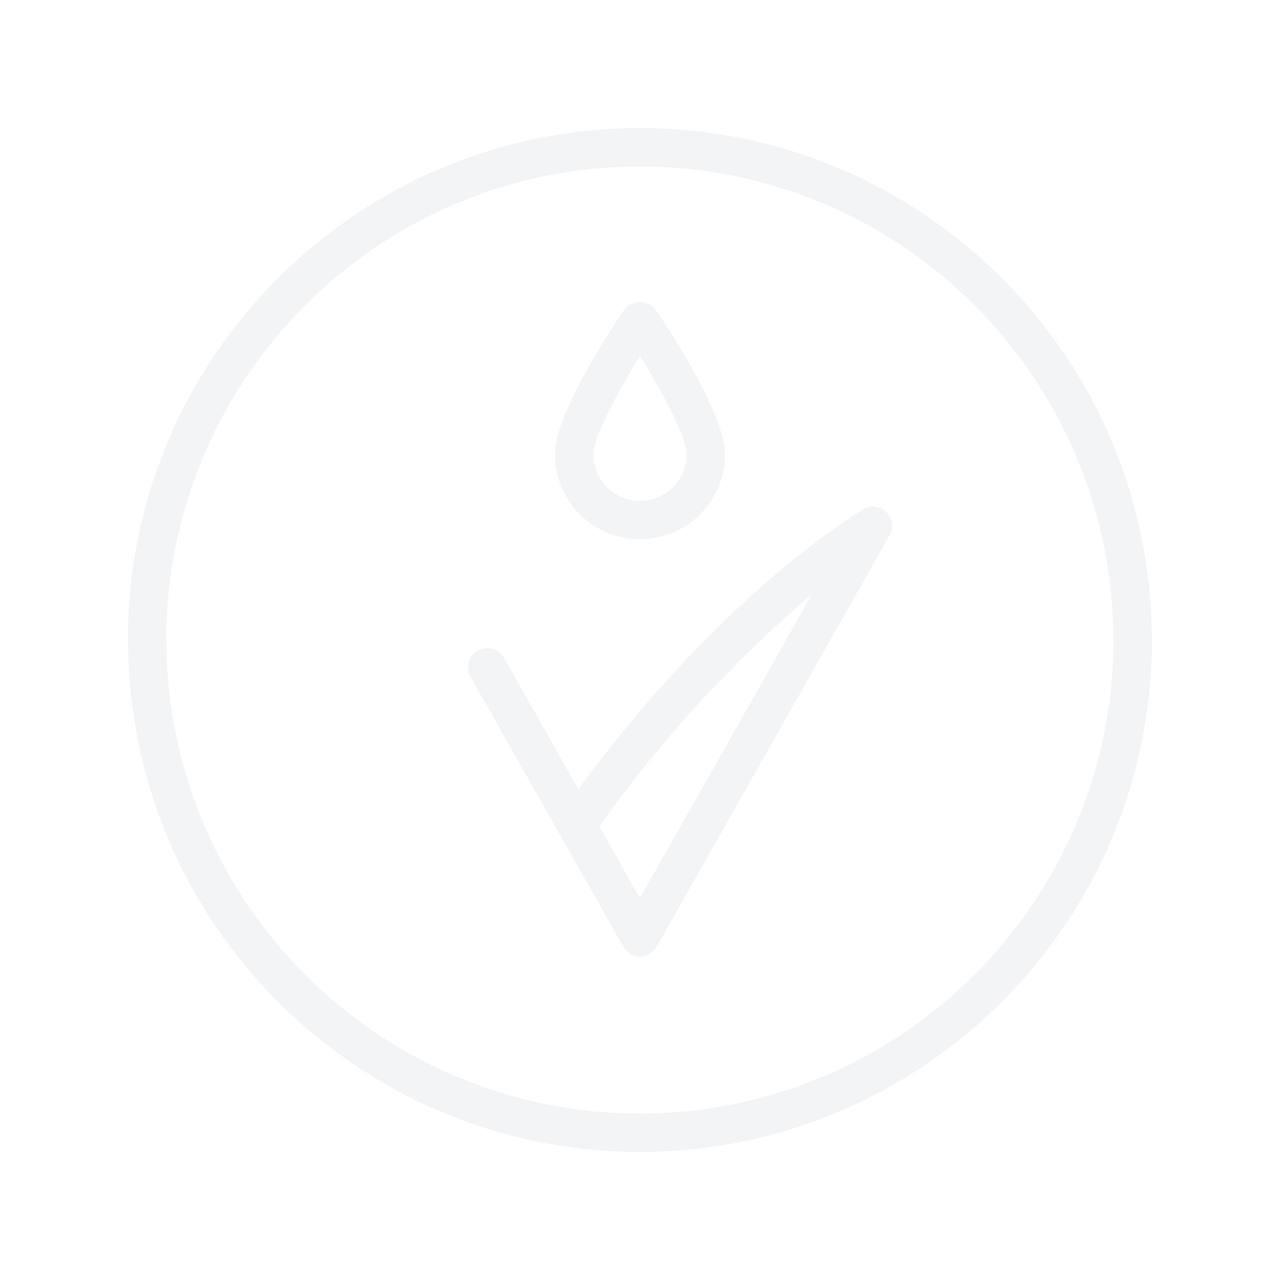 Nurme Looduslik Rosmariini Šampoon 250ml